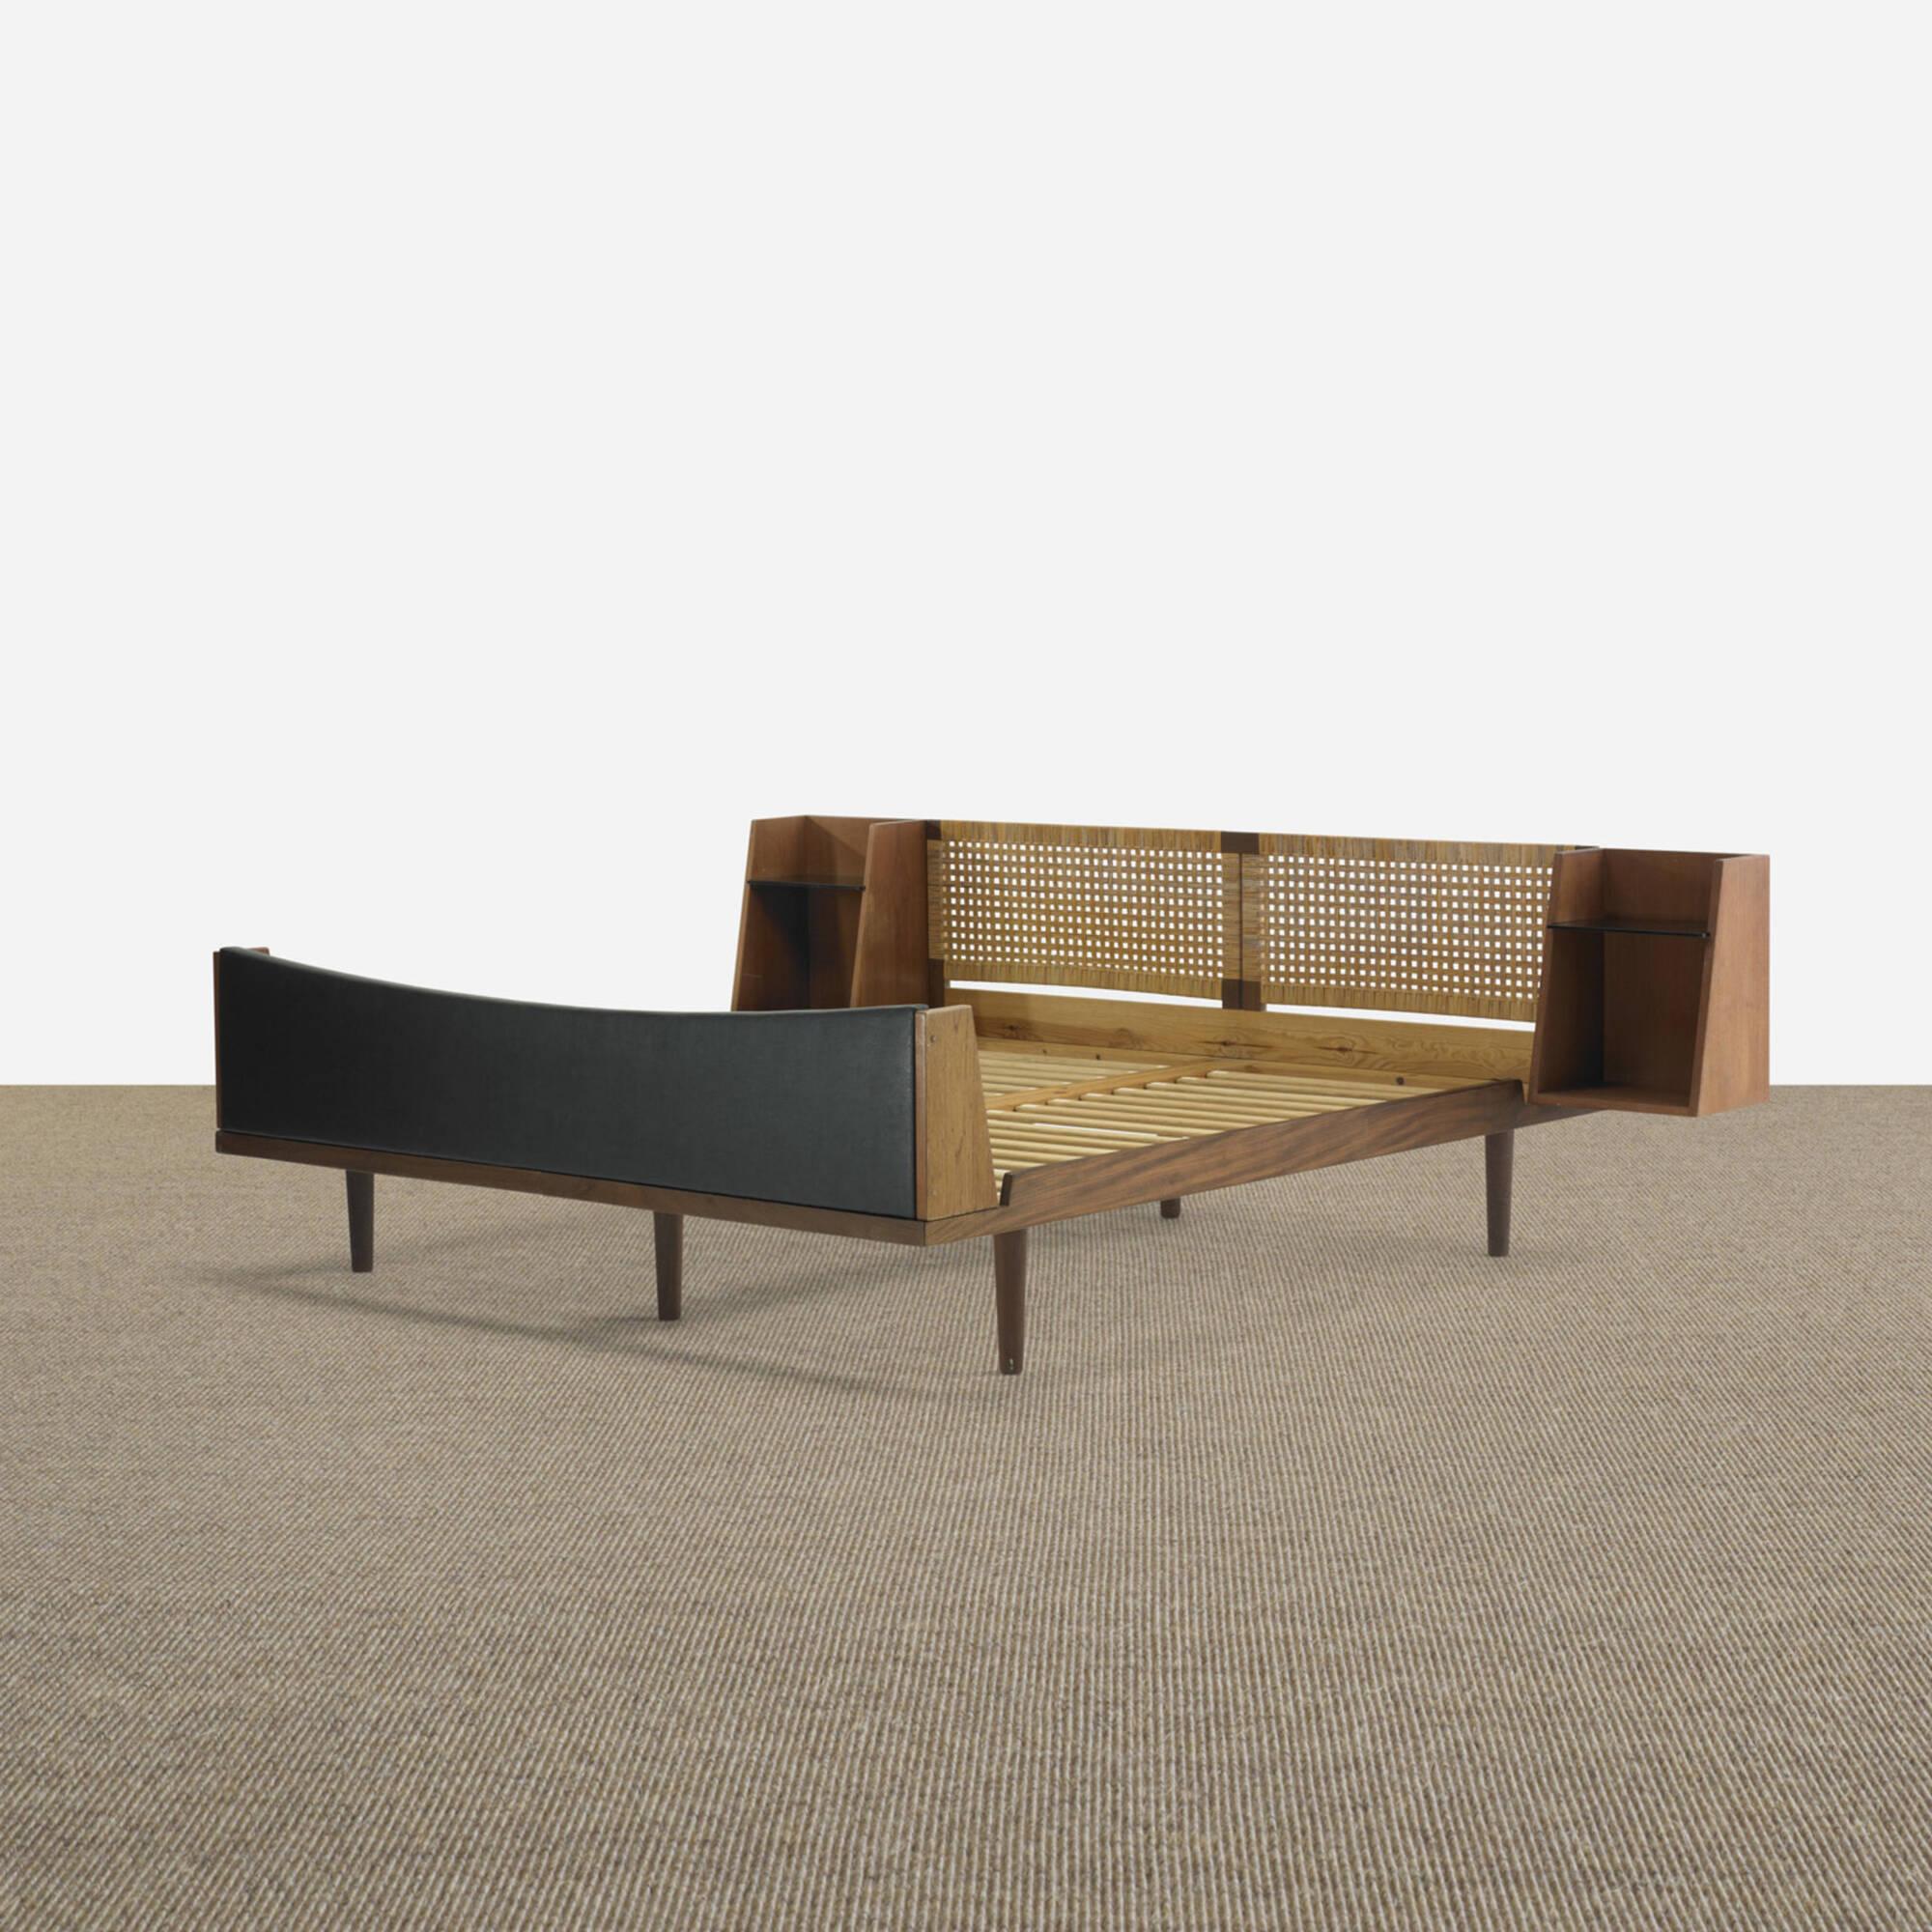 scandinavian design 17 may 2012 - Scandinavian Design Bed